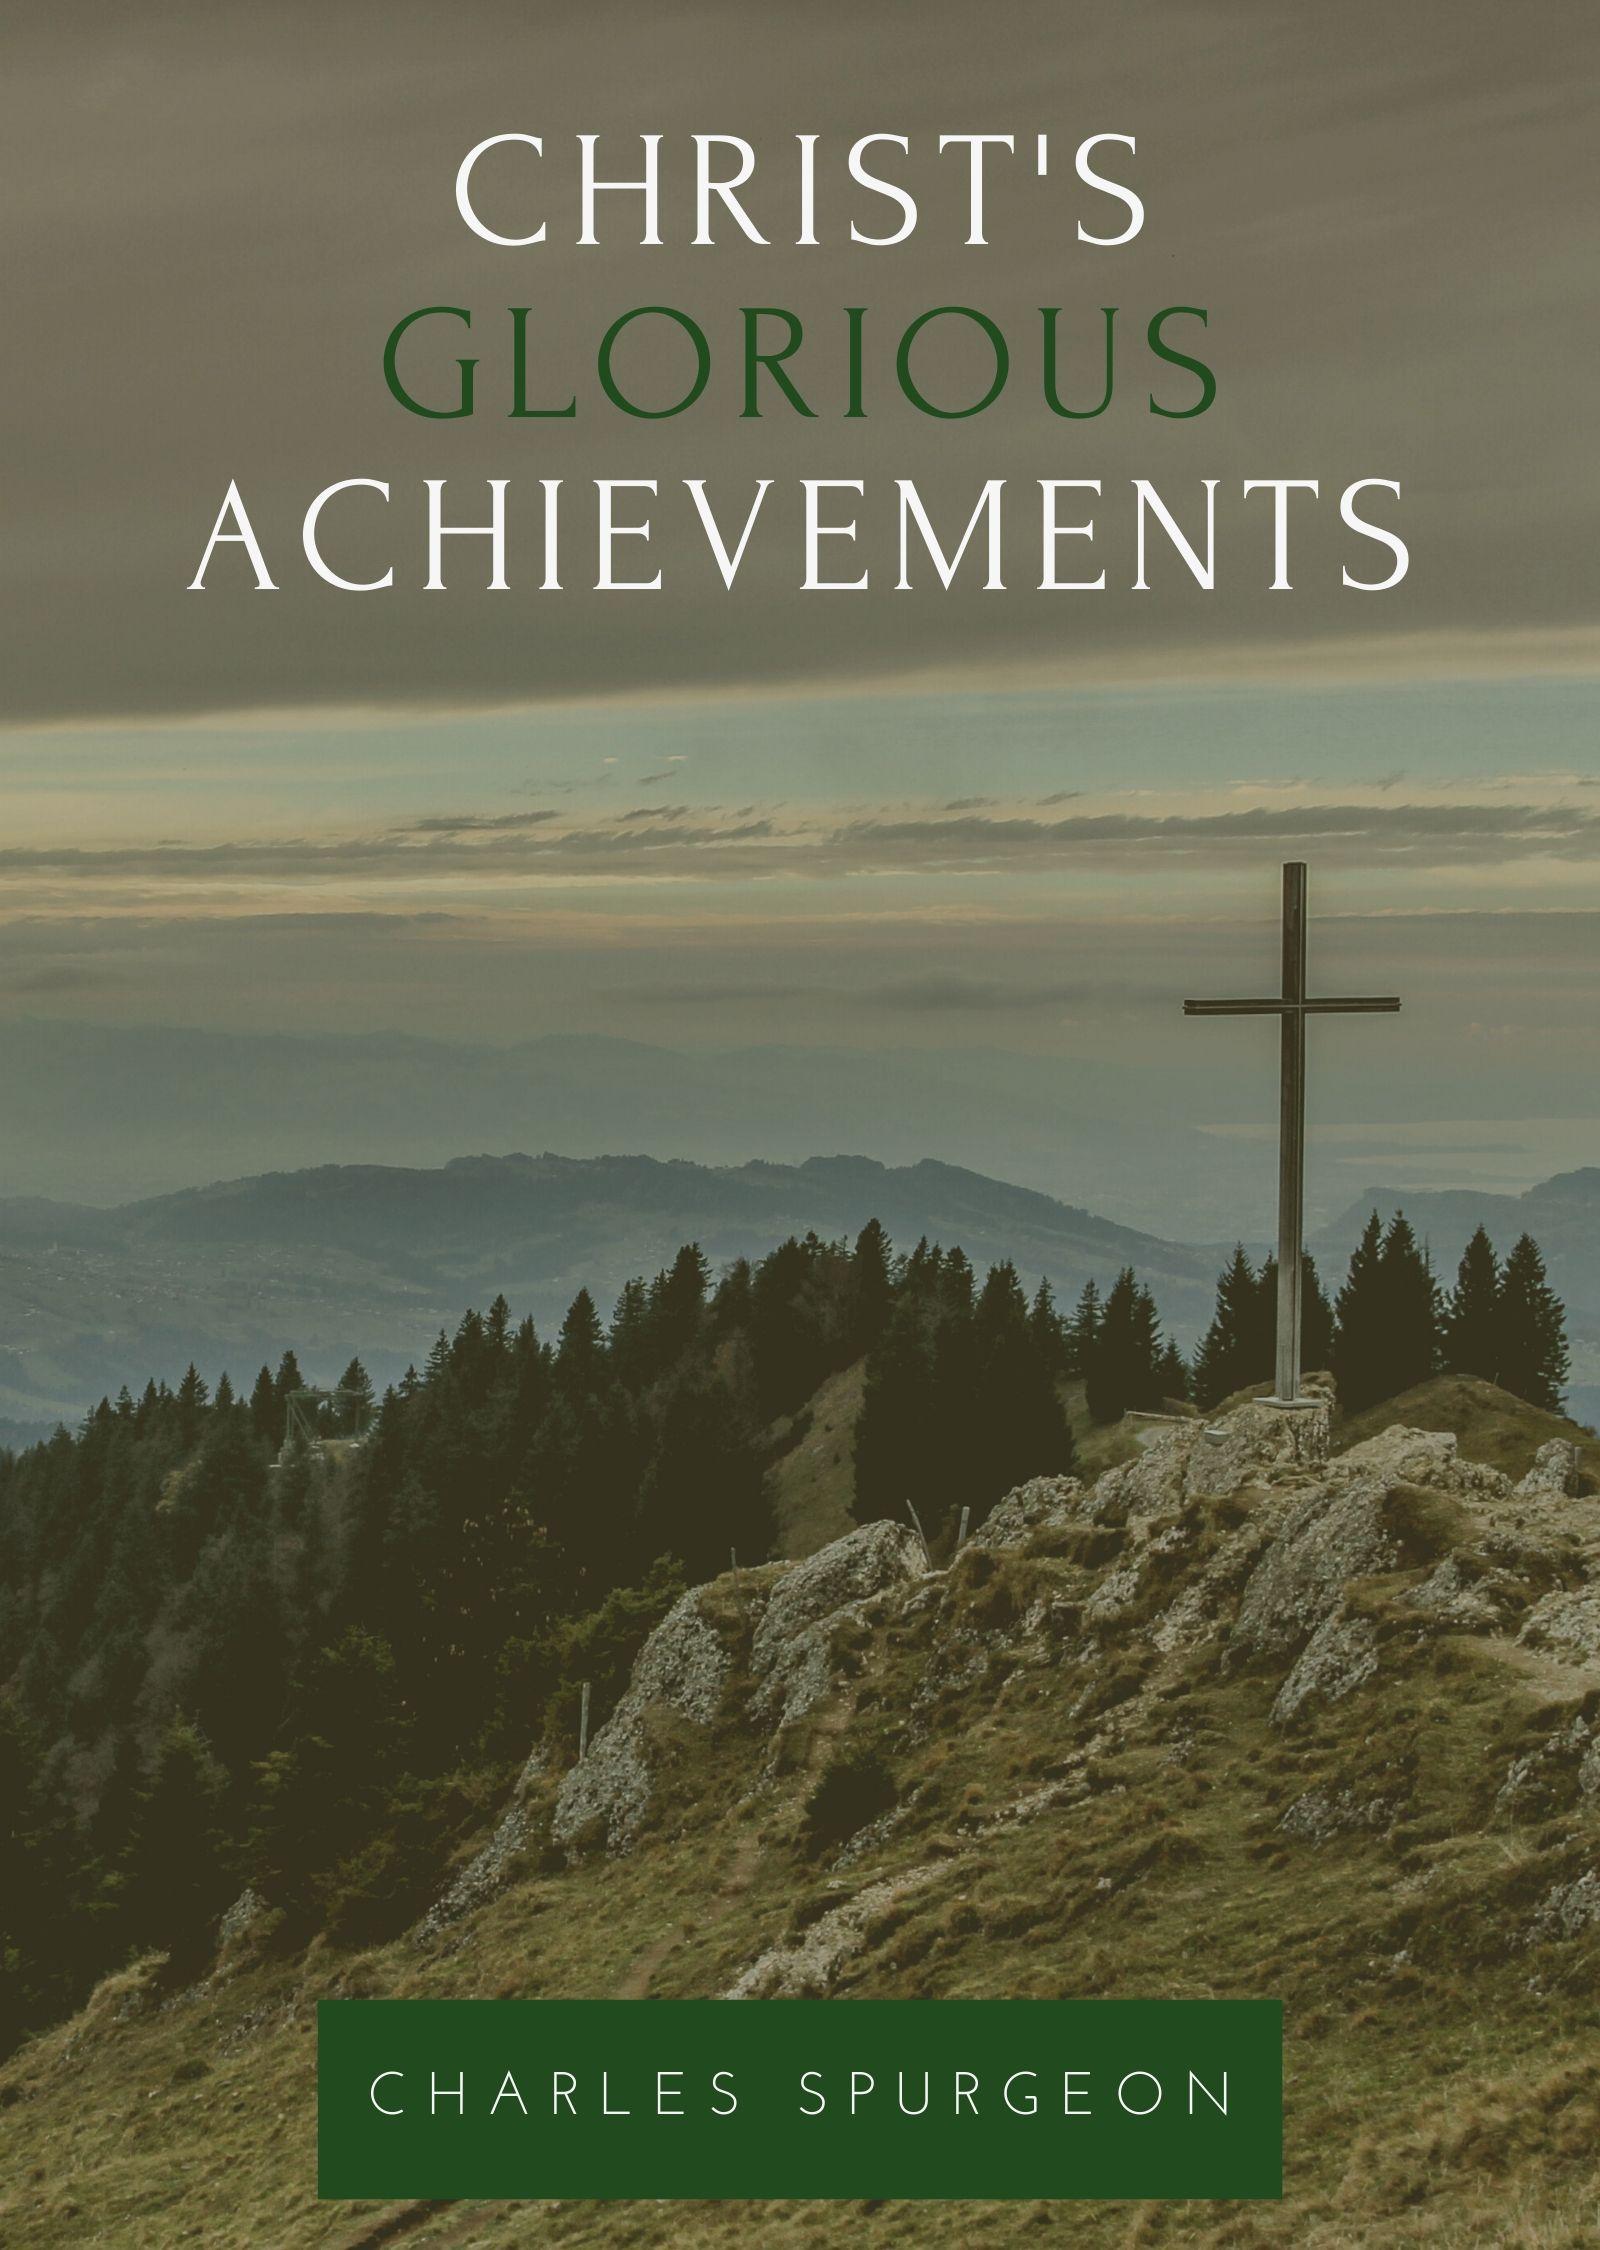 Christ's Glorious Achievements